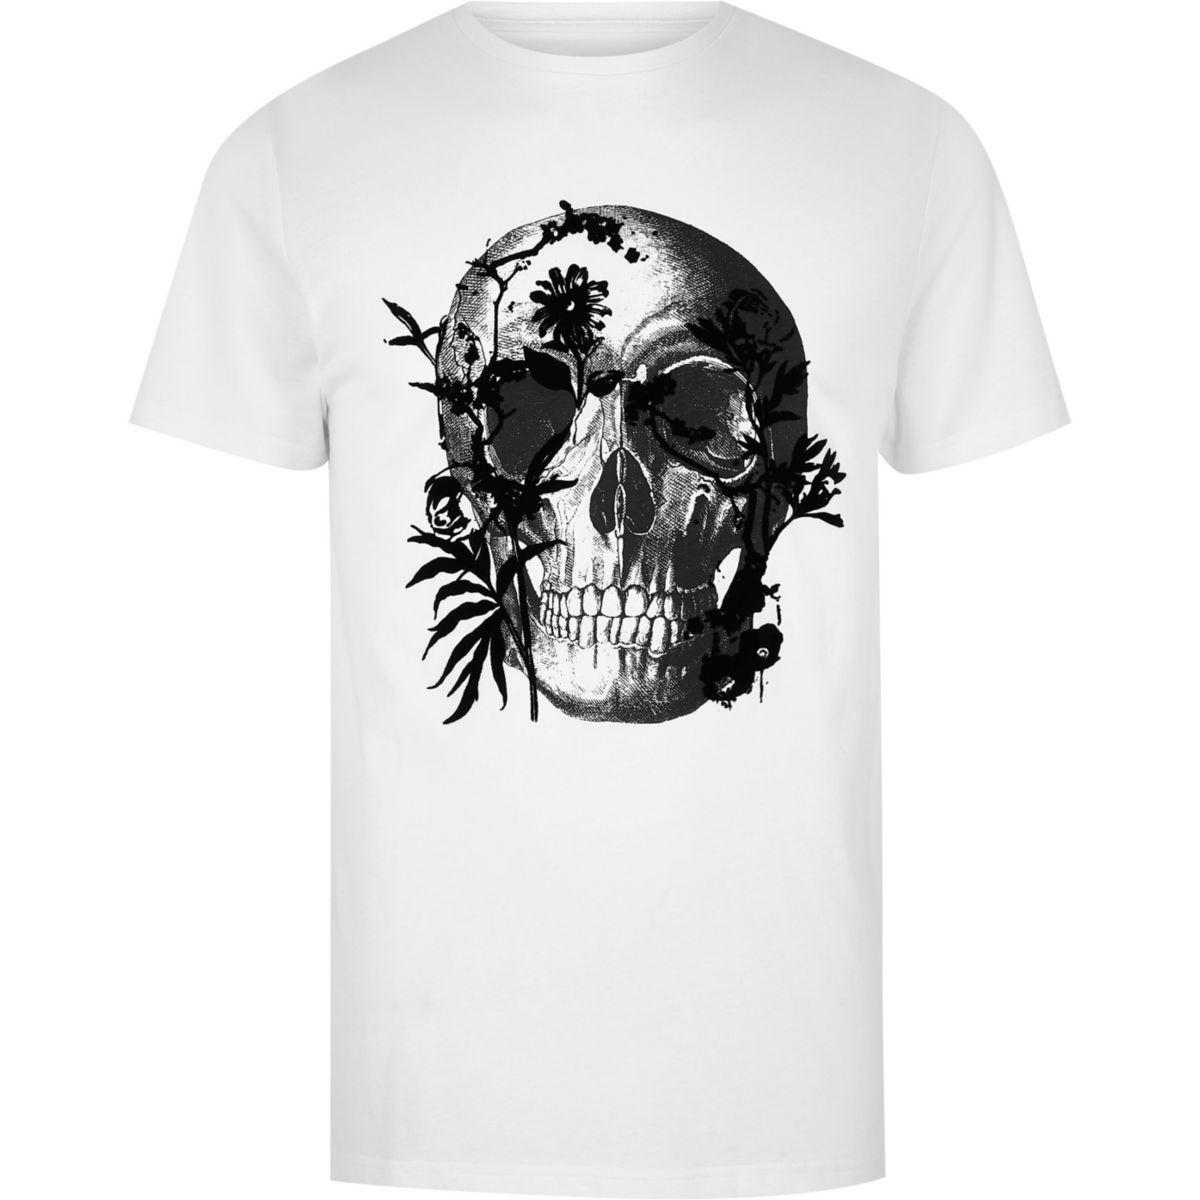 Big and Tall skull print slim fit T-shirt